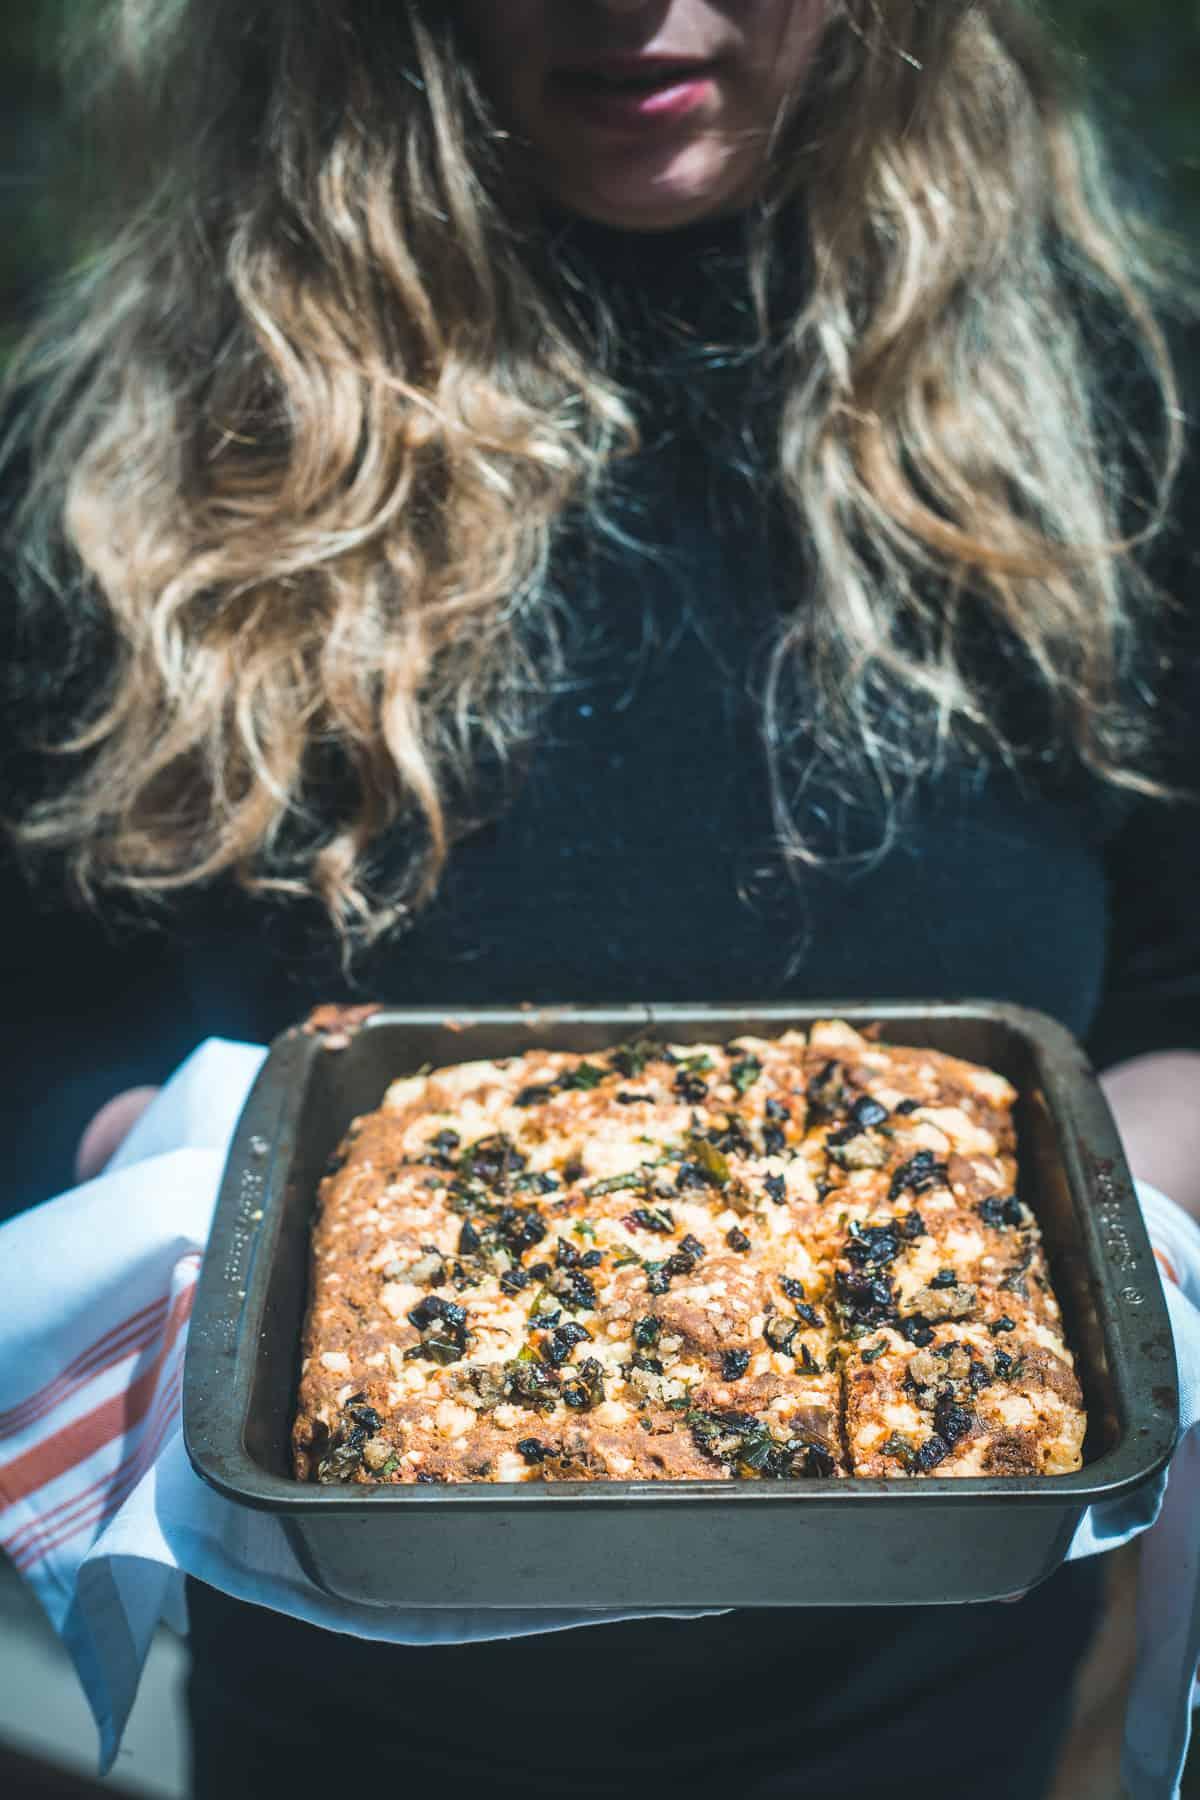 жена, която държи тава с царевичен хляб без глутен